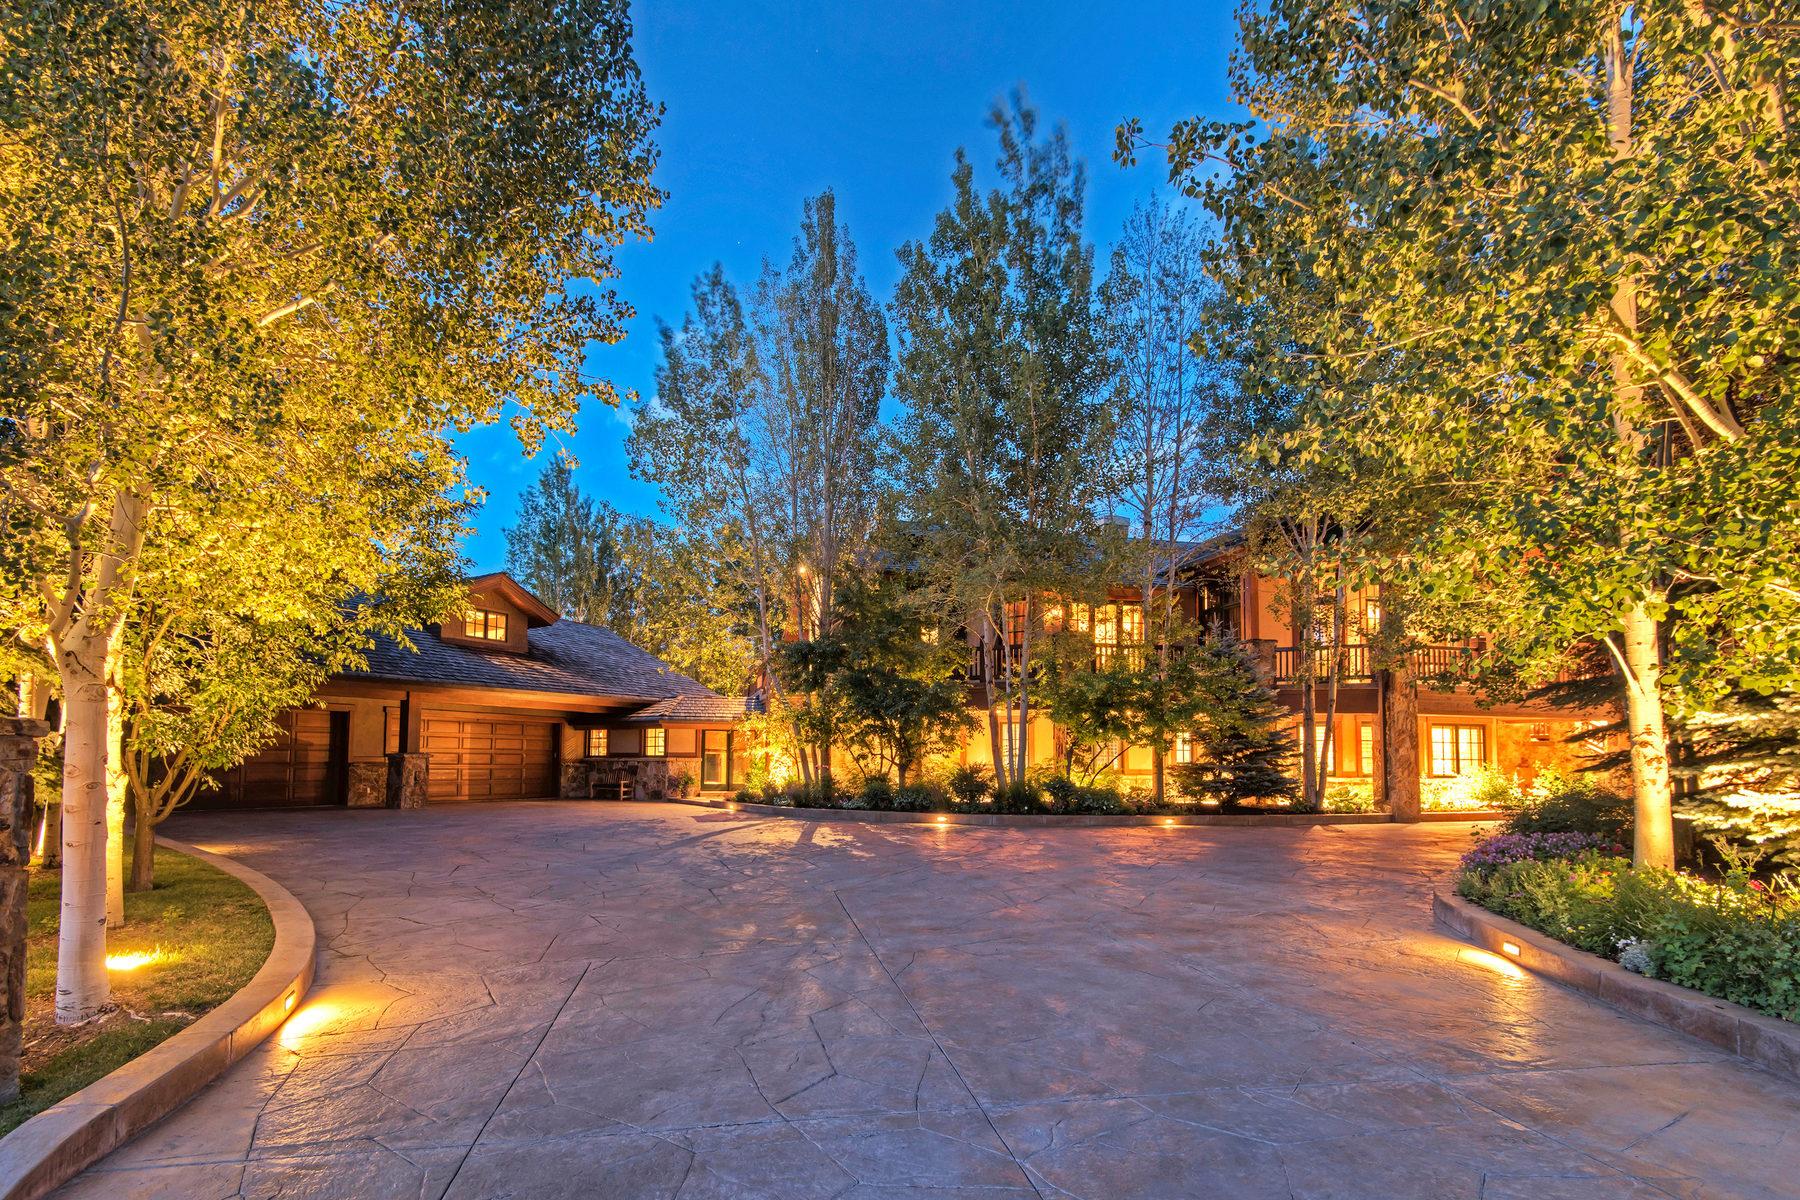 一戸建て のために 売買 アット Stunning Park Meadows Estate on over 2.5 Acres 2300 Lucky John Dr Park City, ユタ, 84060 アメリカ合衆国